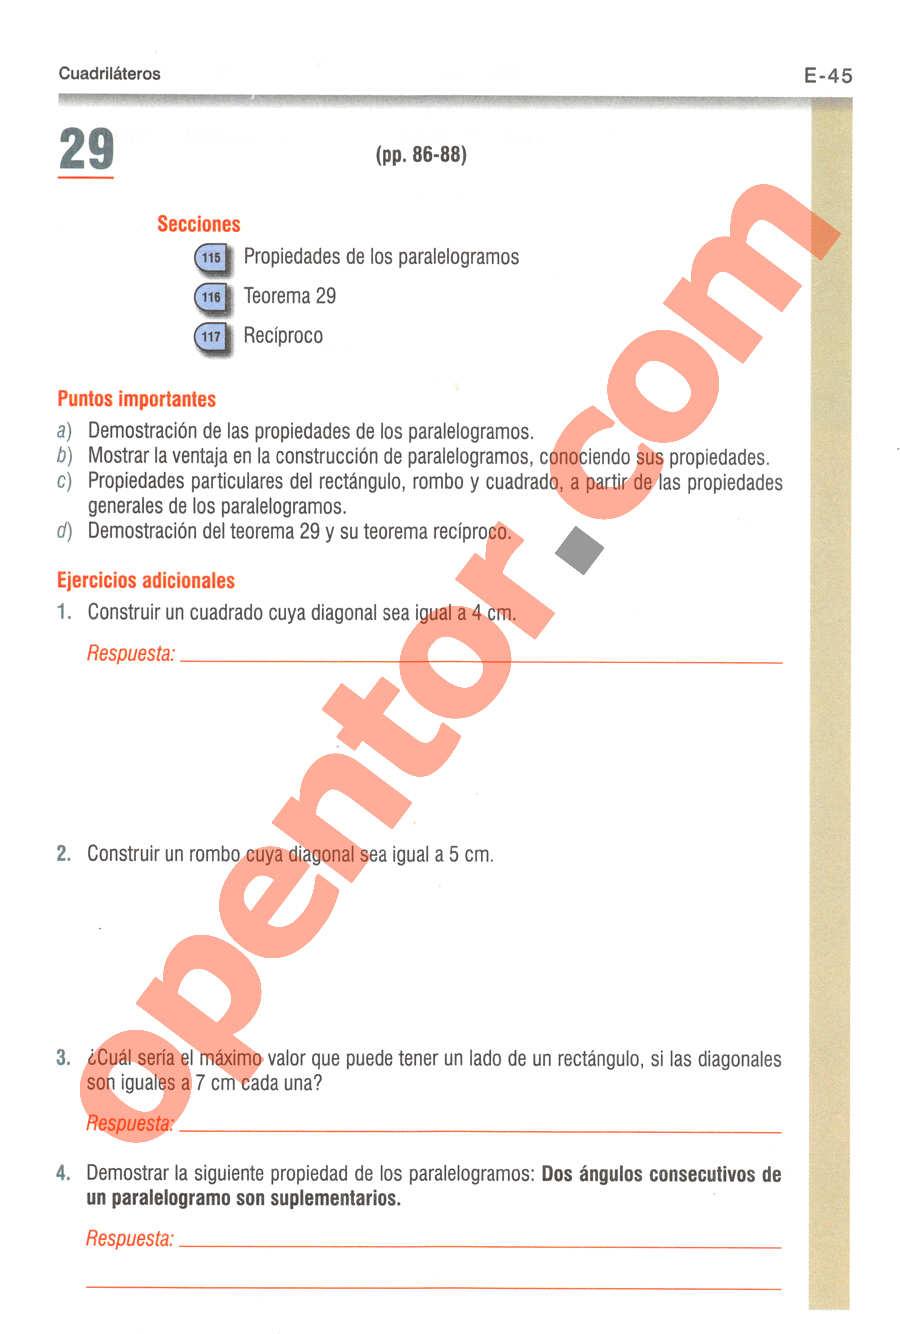 Geometría y Trigonometría de Baldor - Página E45